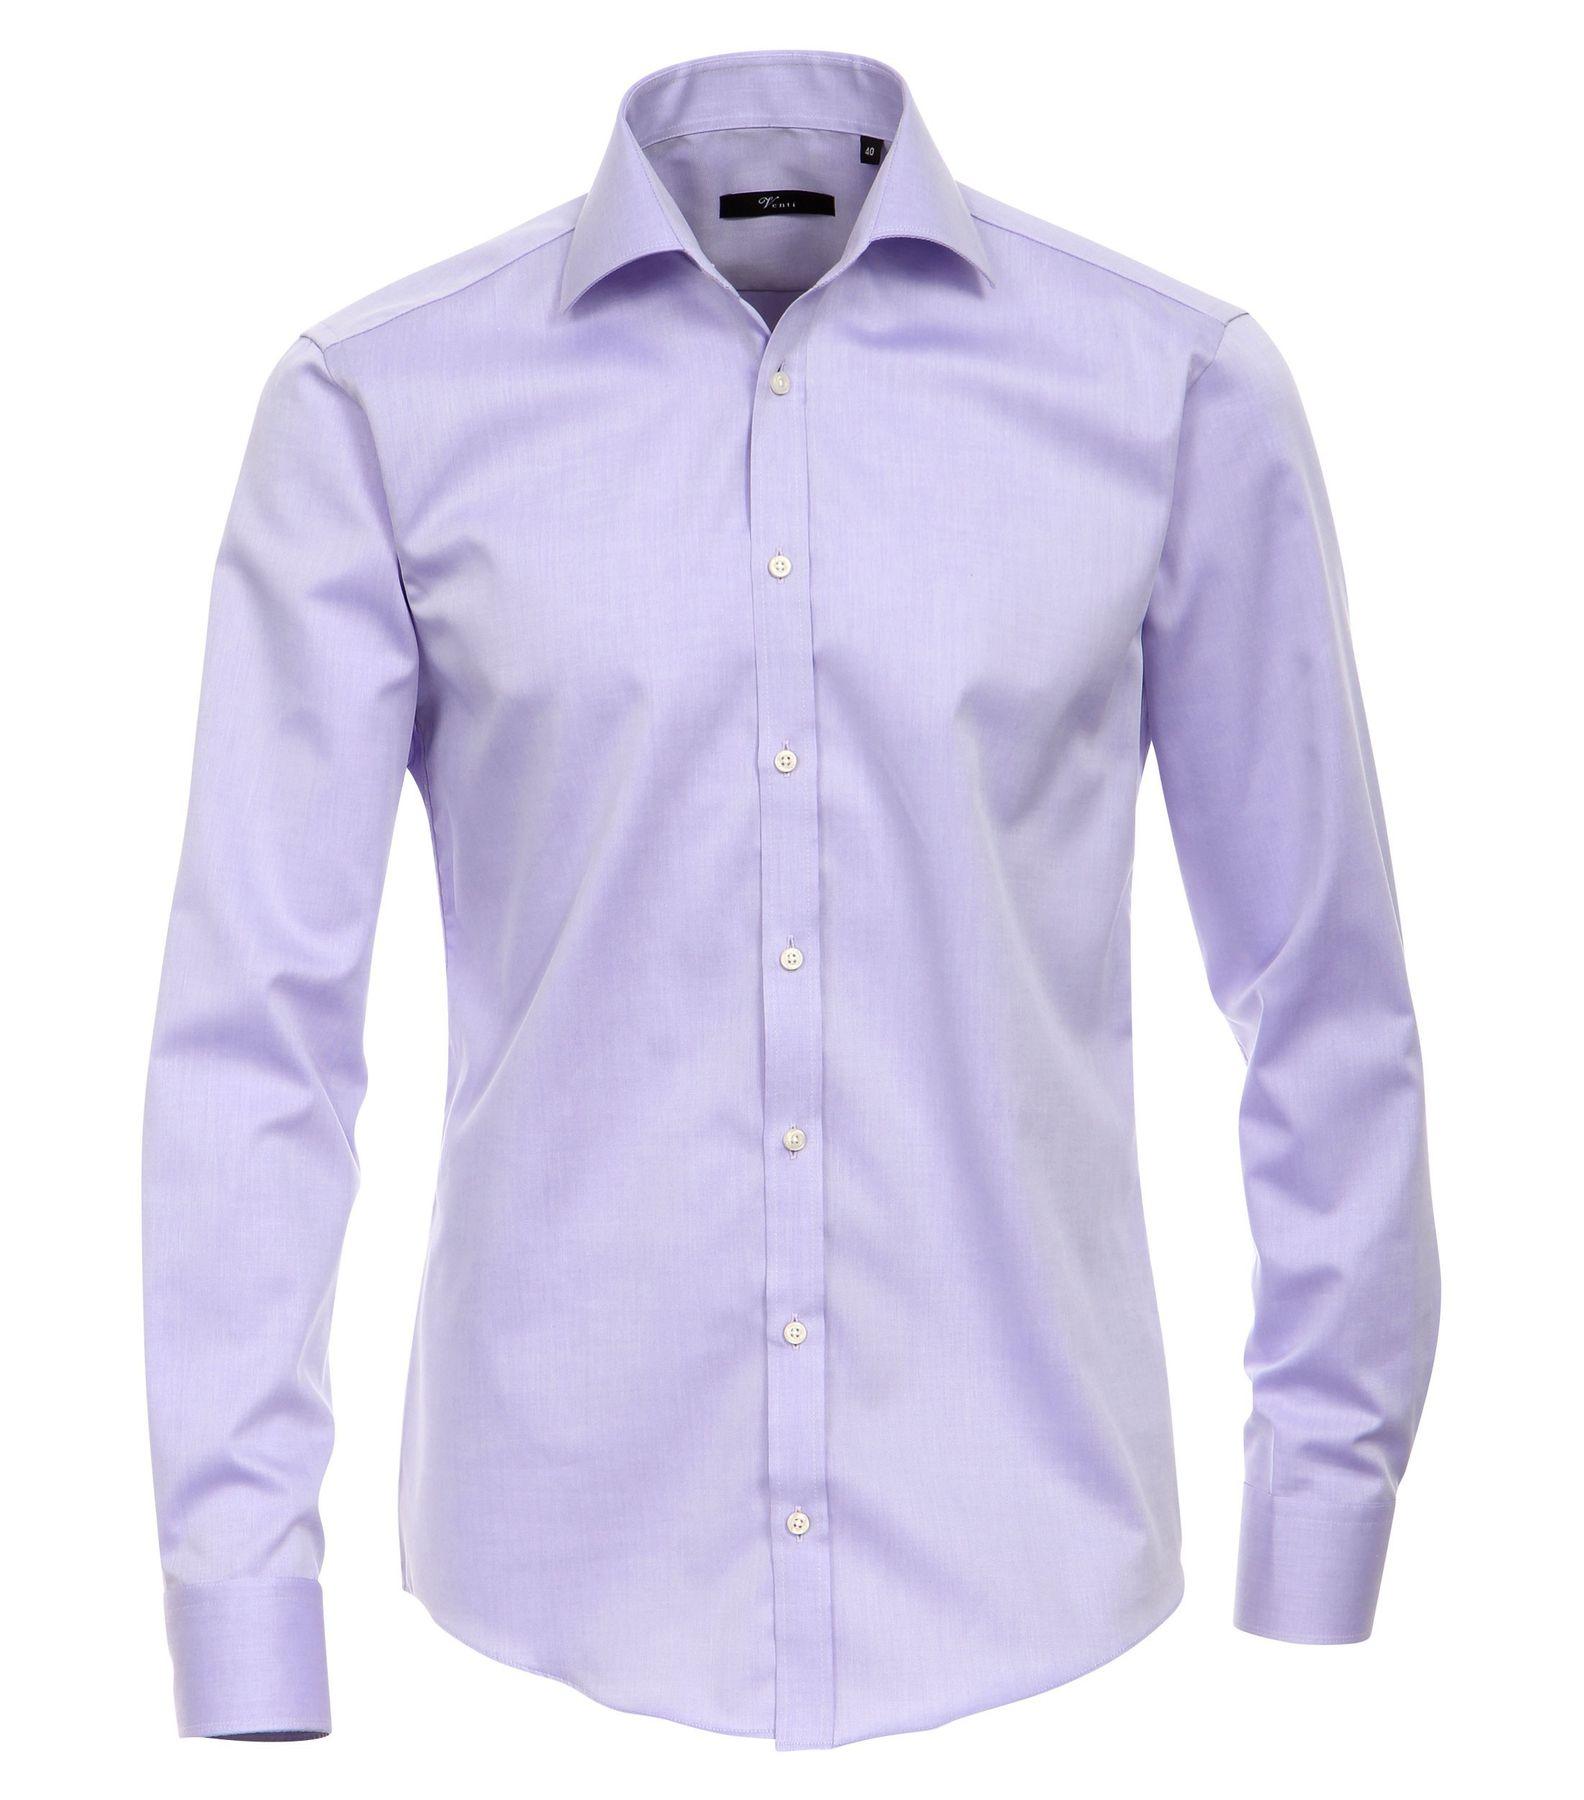 Venti - Slim Fit - Bügelfreies Herren Langarm Hemd mit Haifisch Kragen in verschiedenen Farben (001800 A) – Bild 8